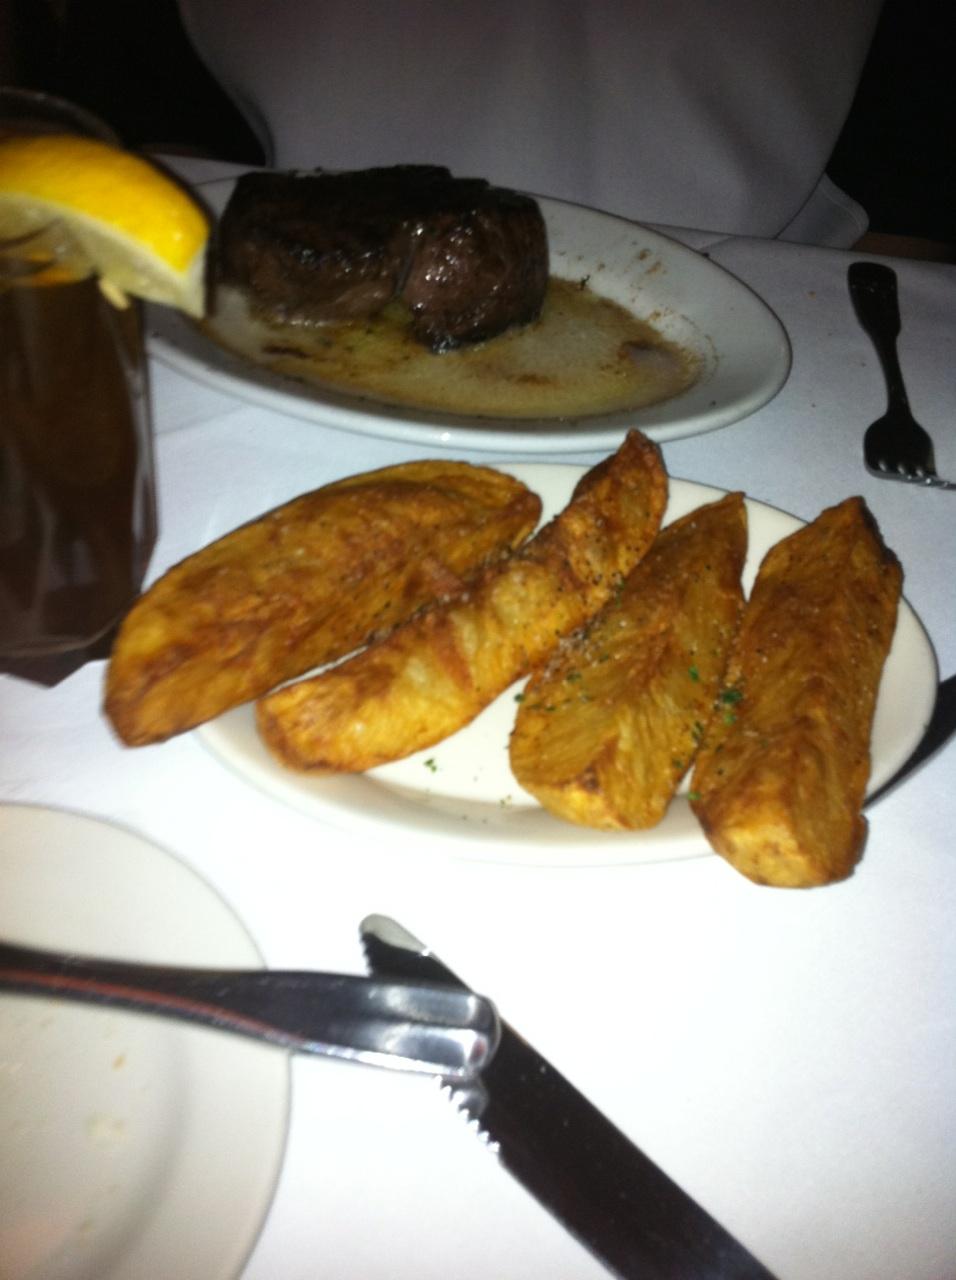 Dyna's Food Blog: Ruth Chris Steak House